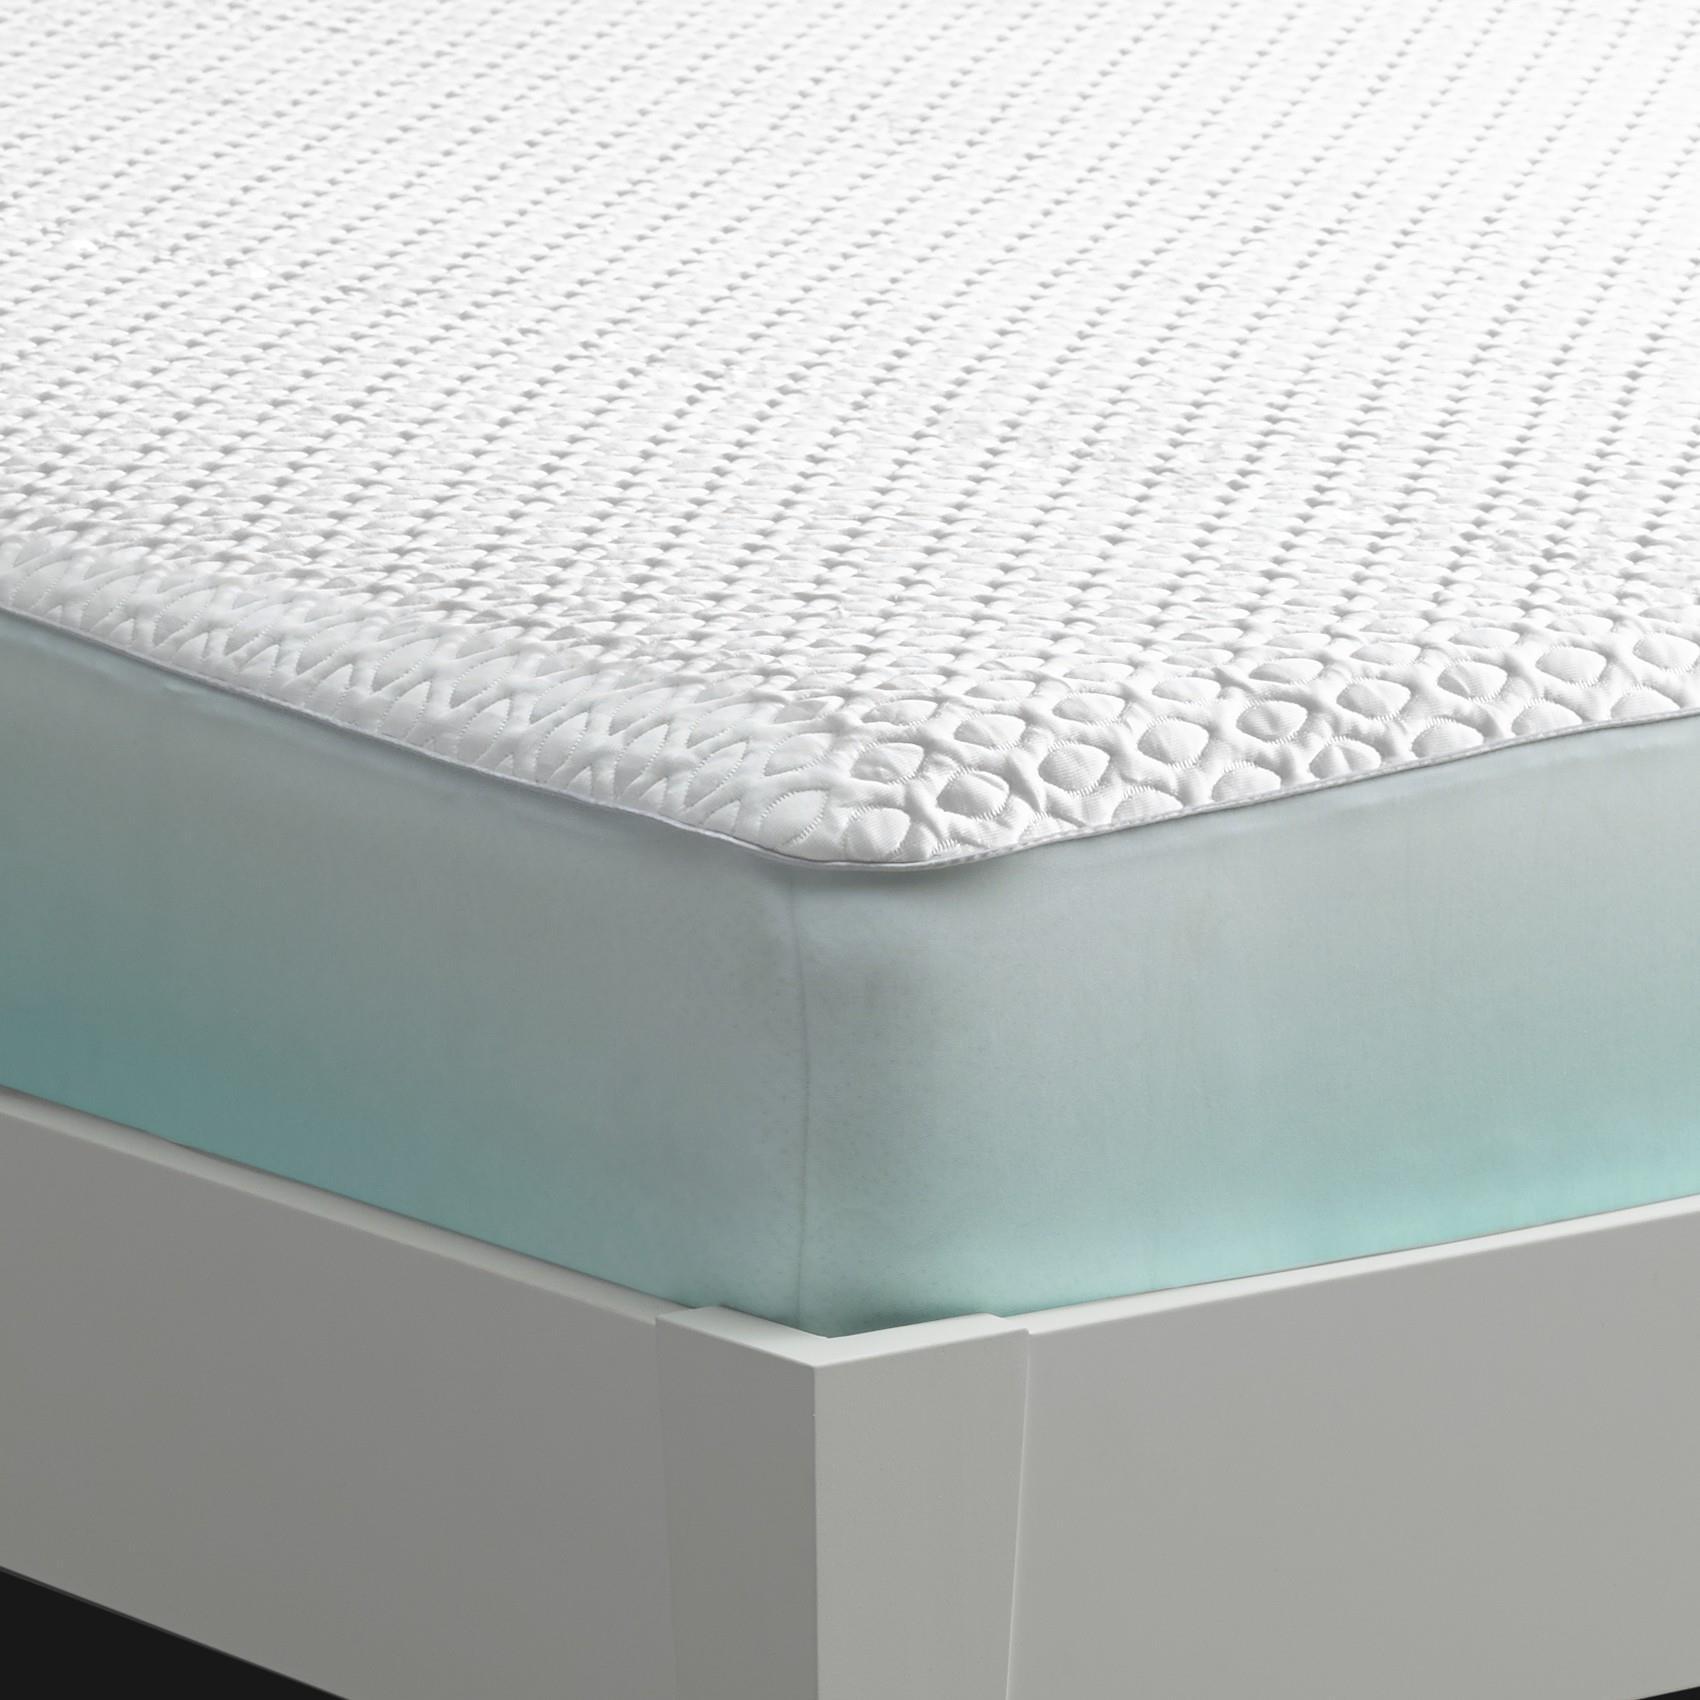 bedgear vertex queen mattress protector